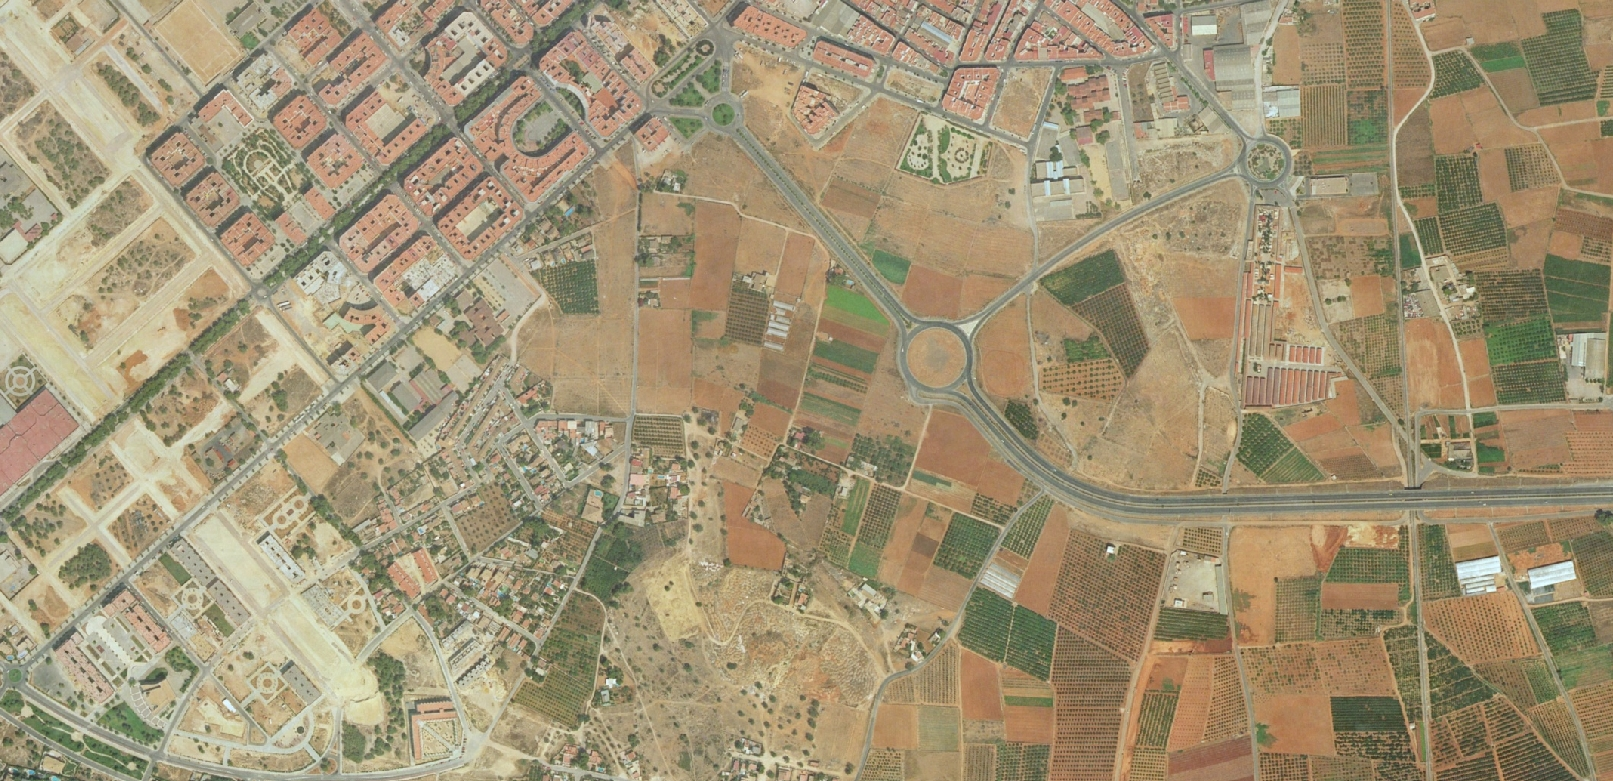 torrent, valencia, ha decaído, antes, urbanismo, planeamiento, urbano, desastre, urbanístico, construcción